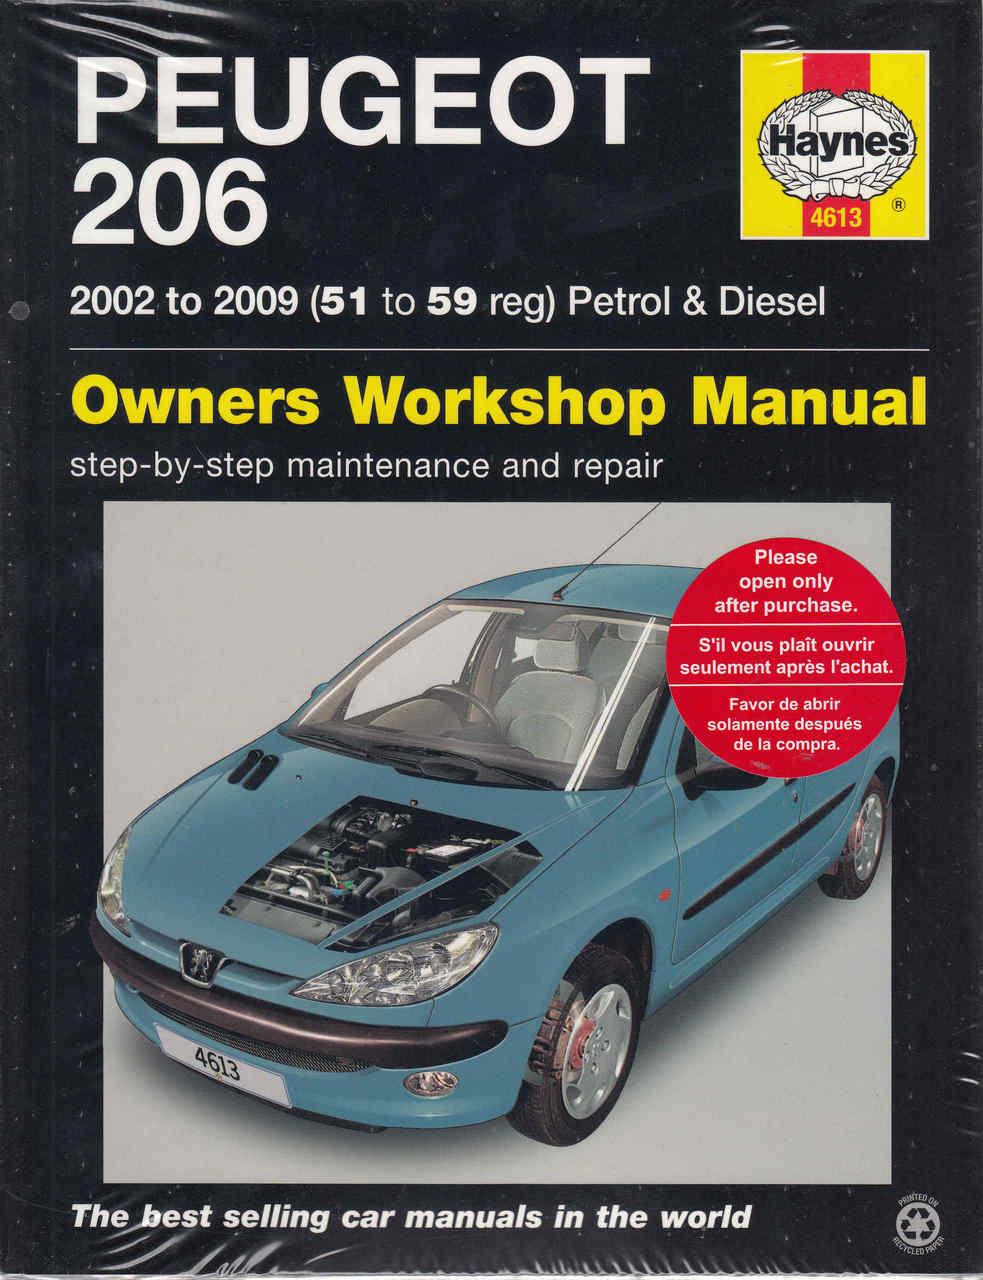 Peugeot 206 2002 - 2009 (Petrol & Diesel) Workshop Manual (9780857339089)  ...